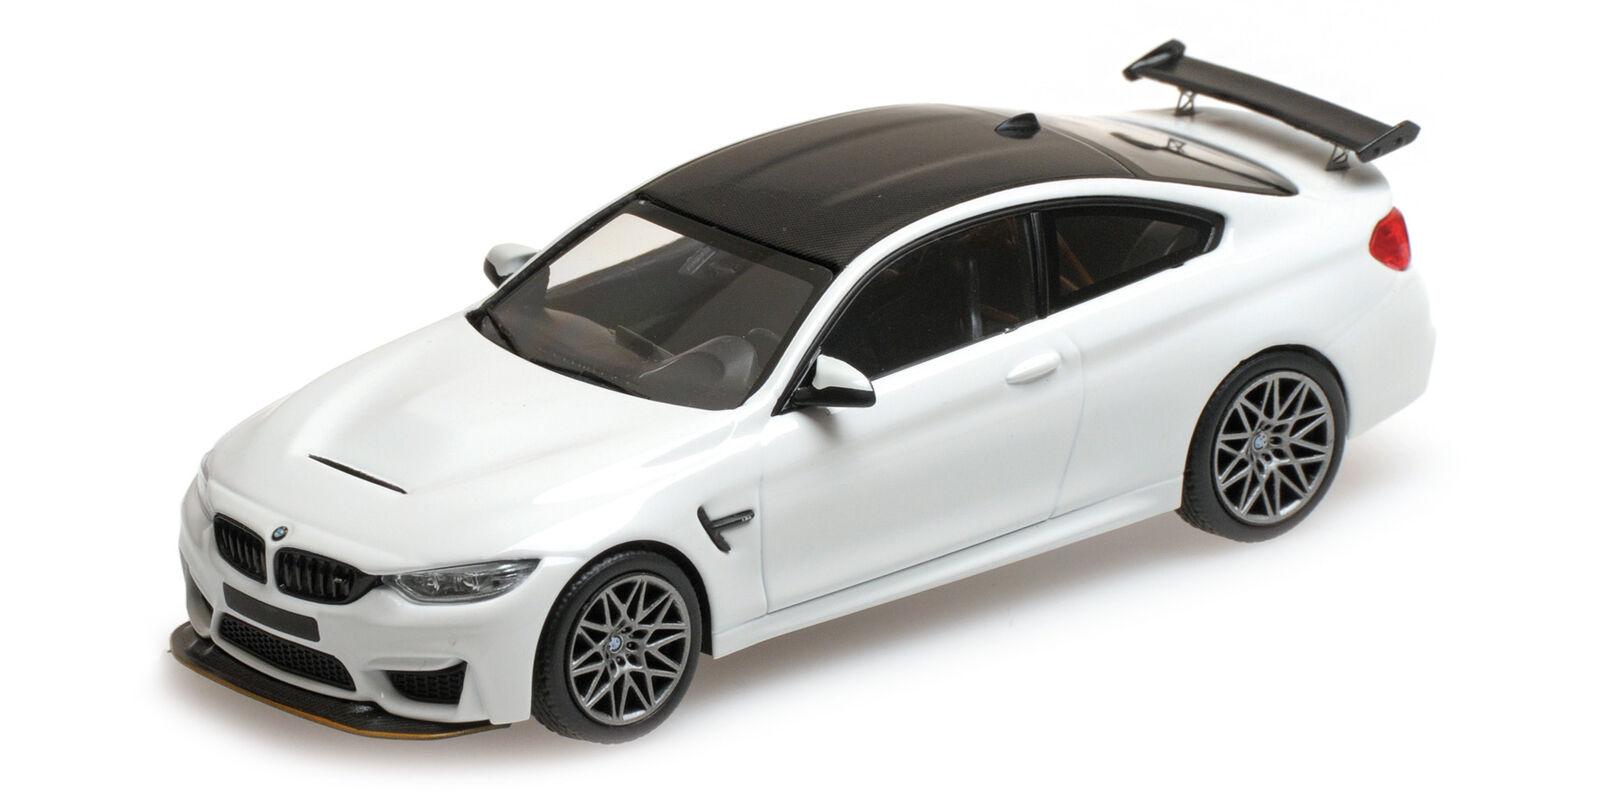 Bmw M4 Gts 2016  blanc W  gris Wheels L.E. 336 Pcs. MINICHAMPS 1 43 410025221